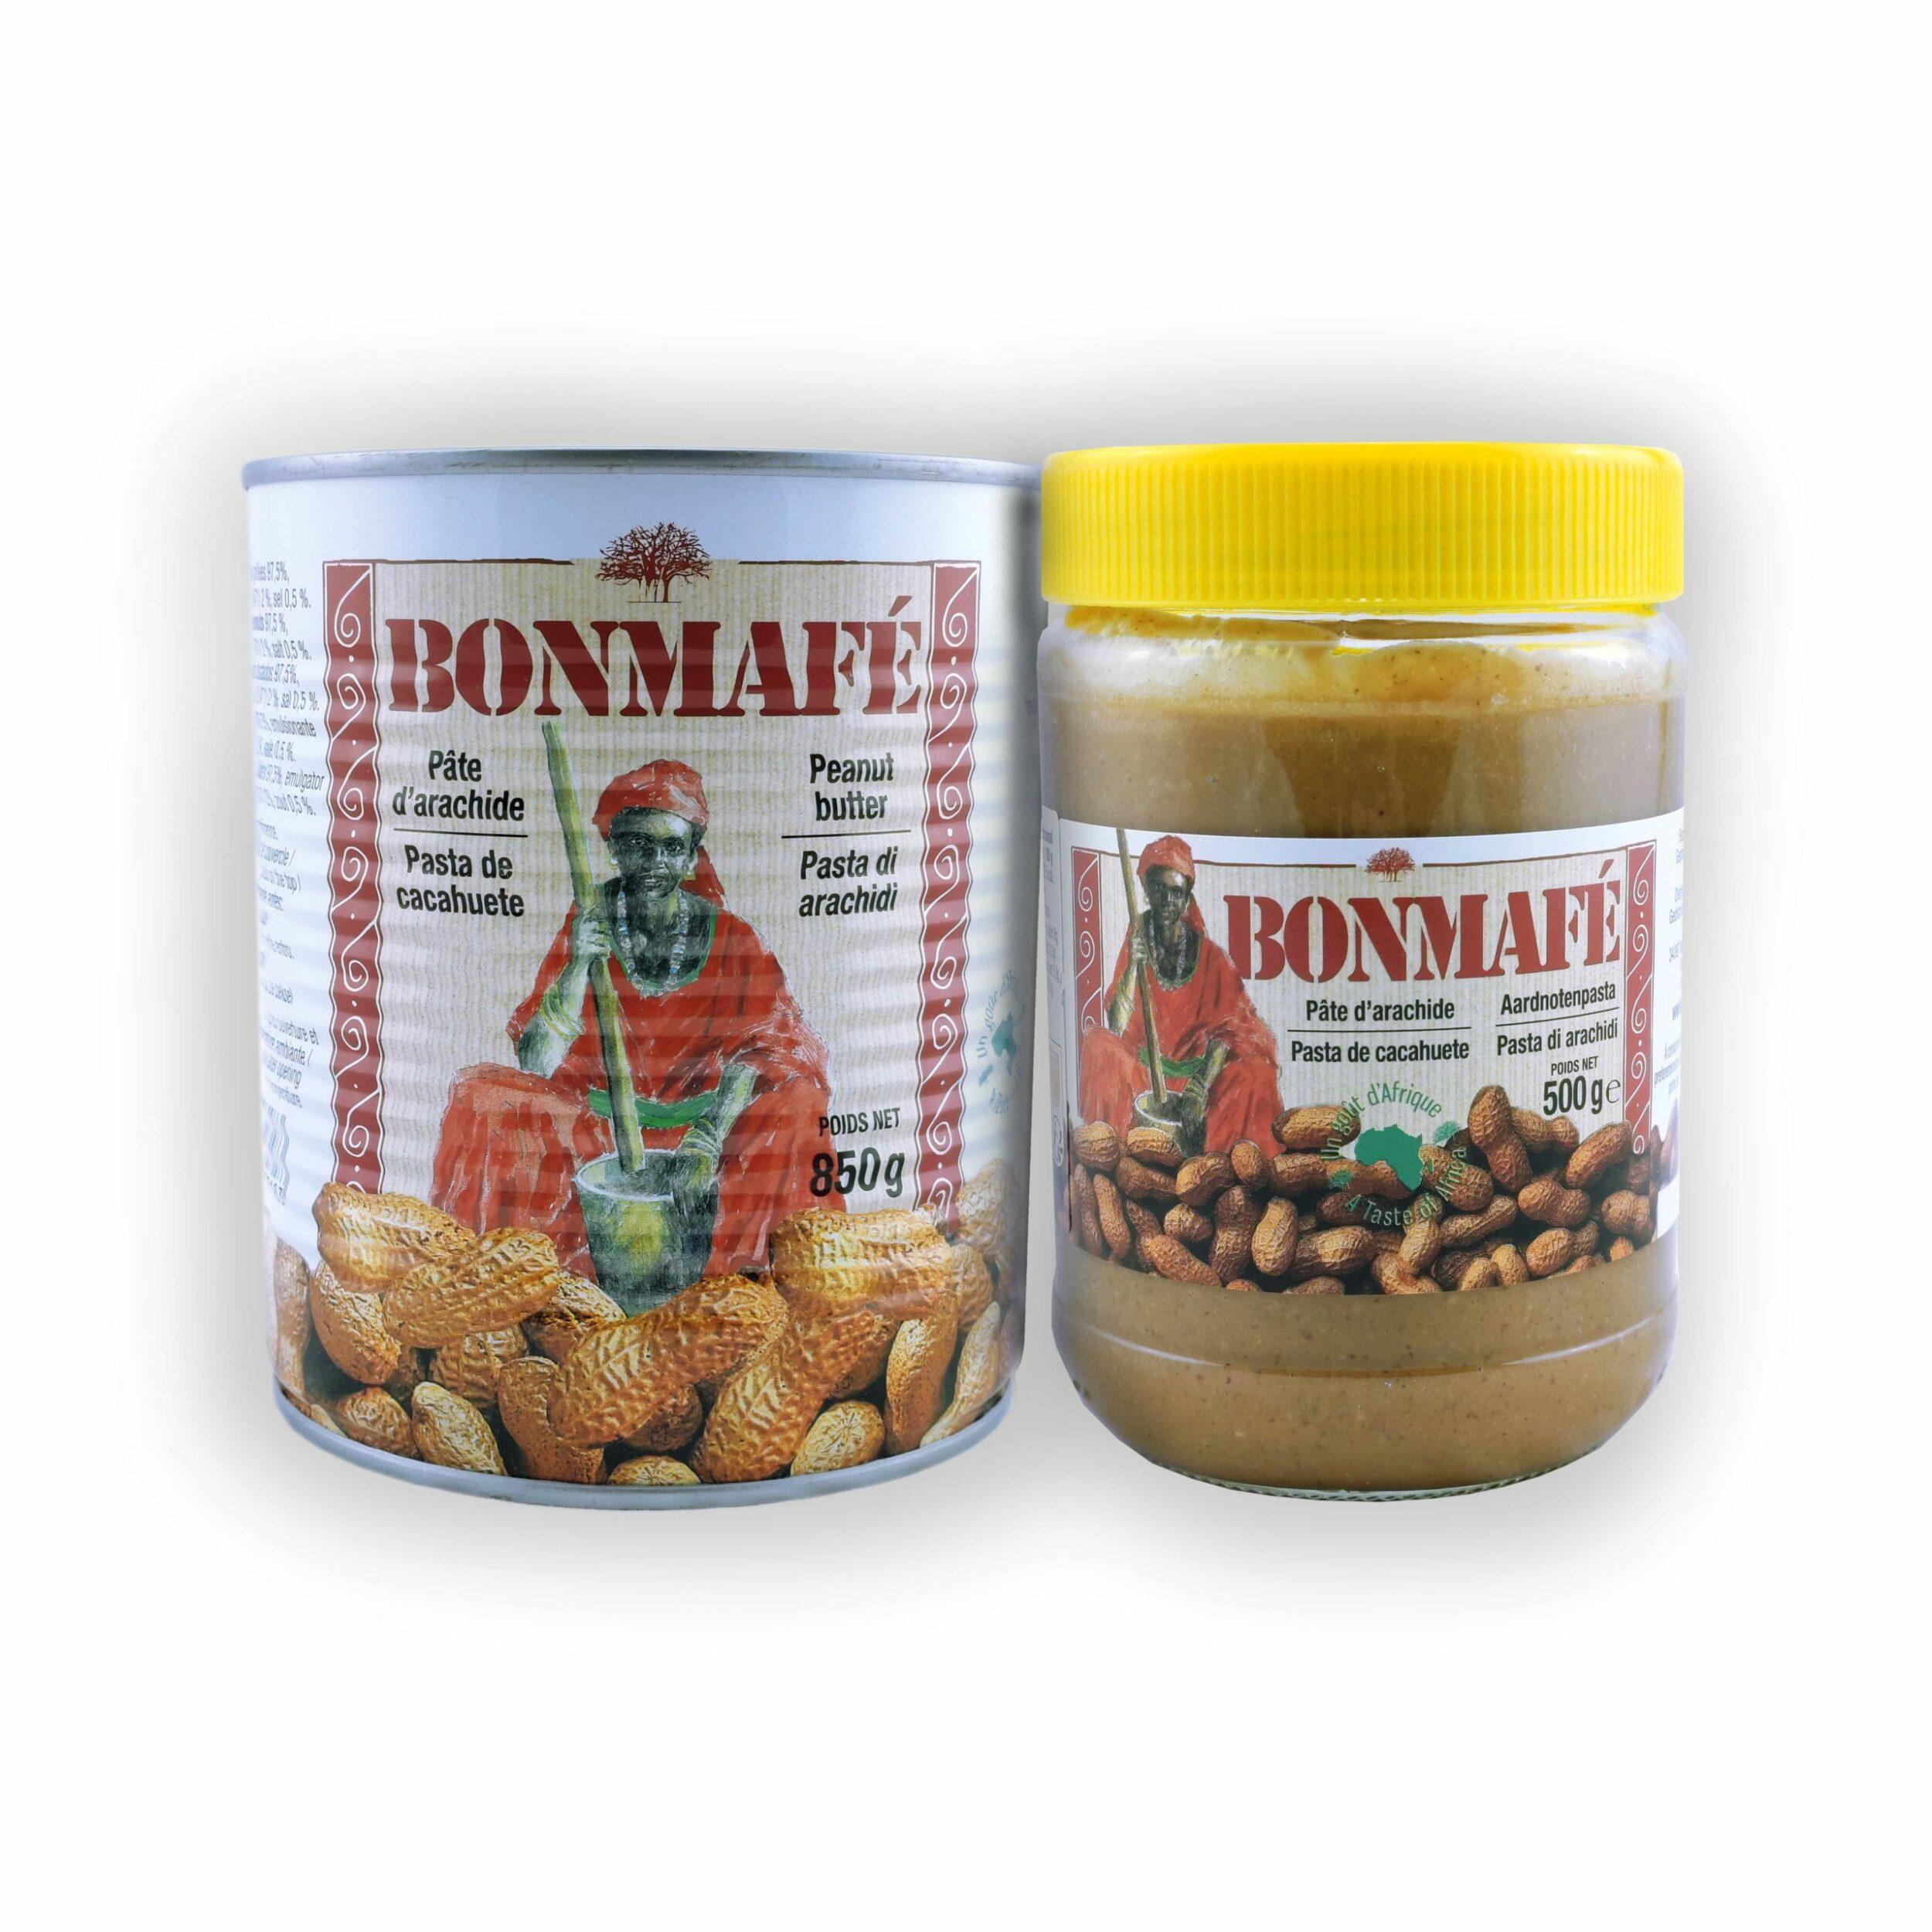 pate-d-arachide-peanut-butter-bonmafe-850g-500g-1-site-web-moushenco